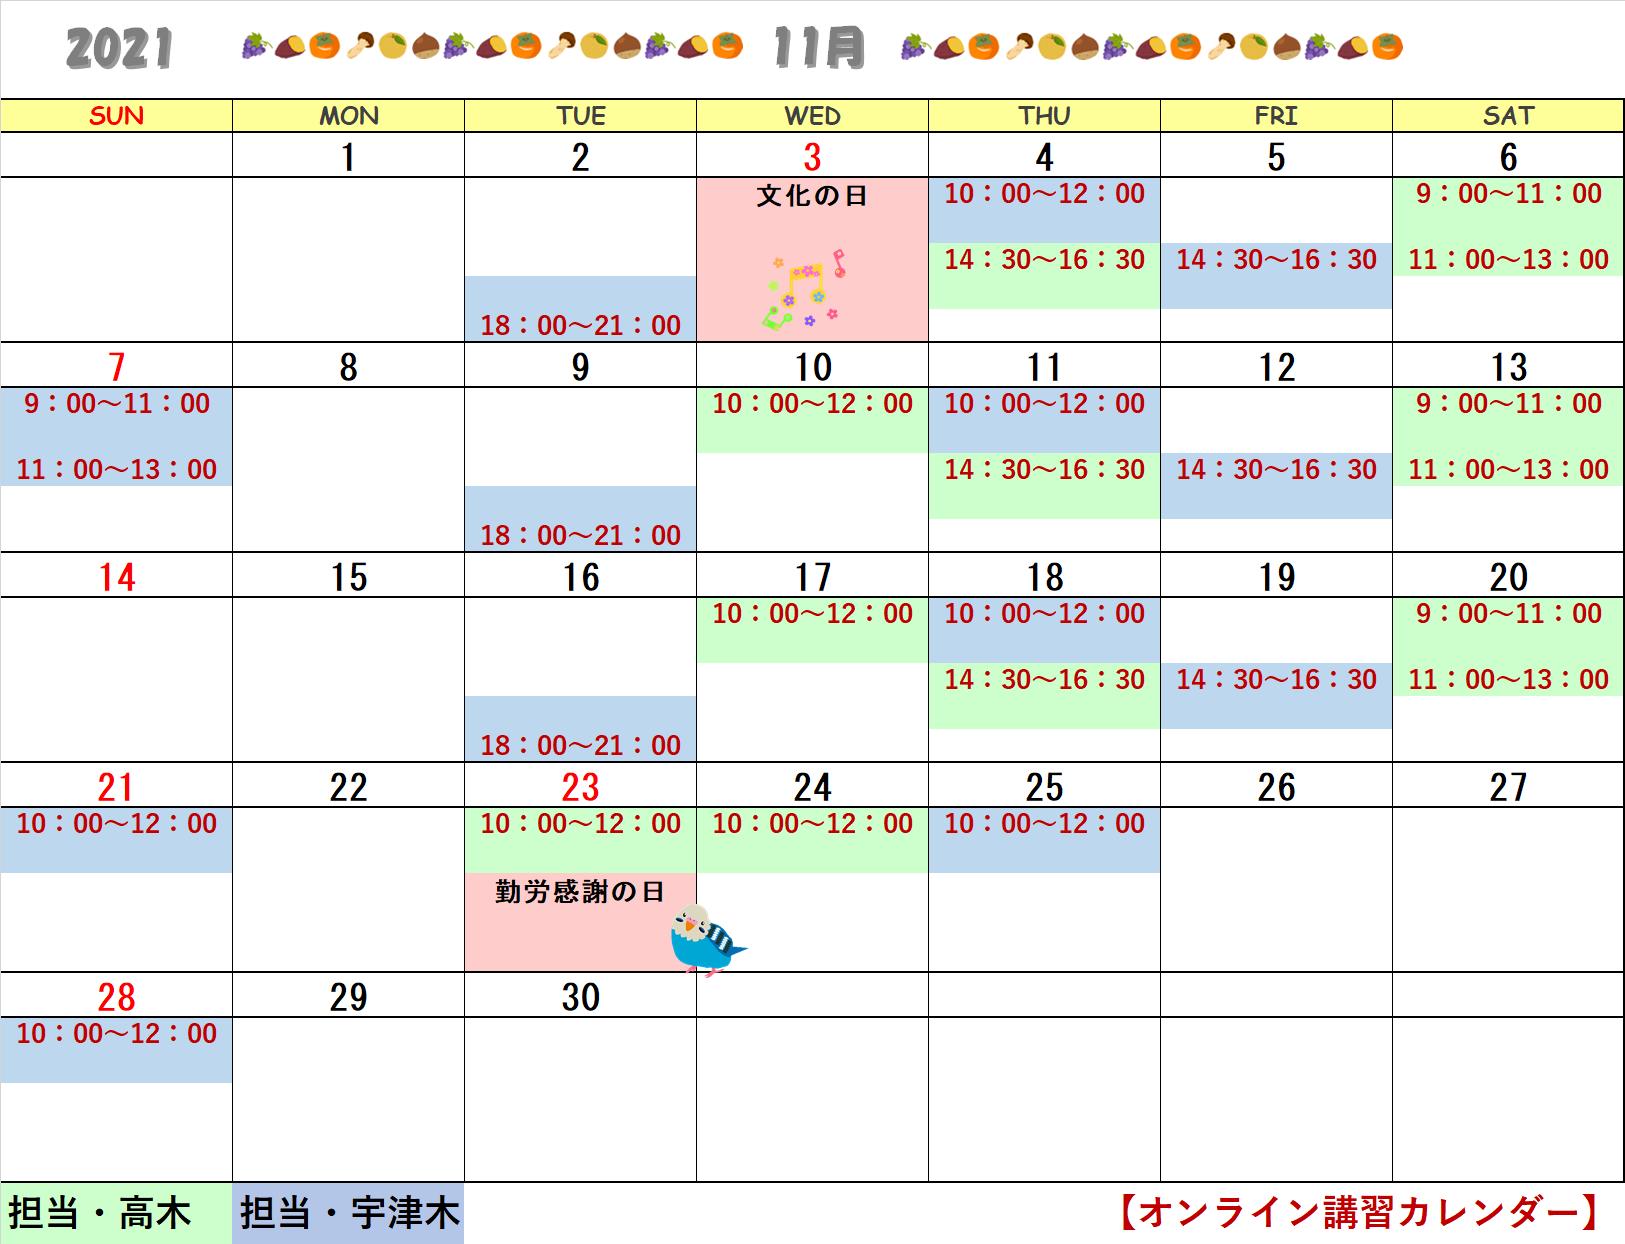 11月のオンラインカレンダー